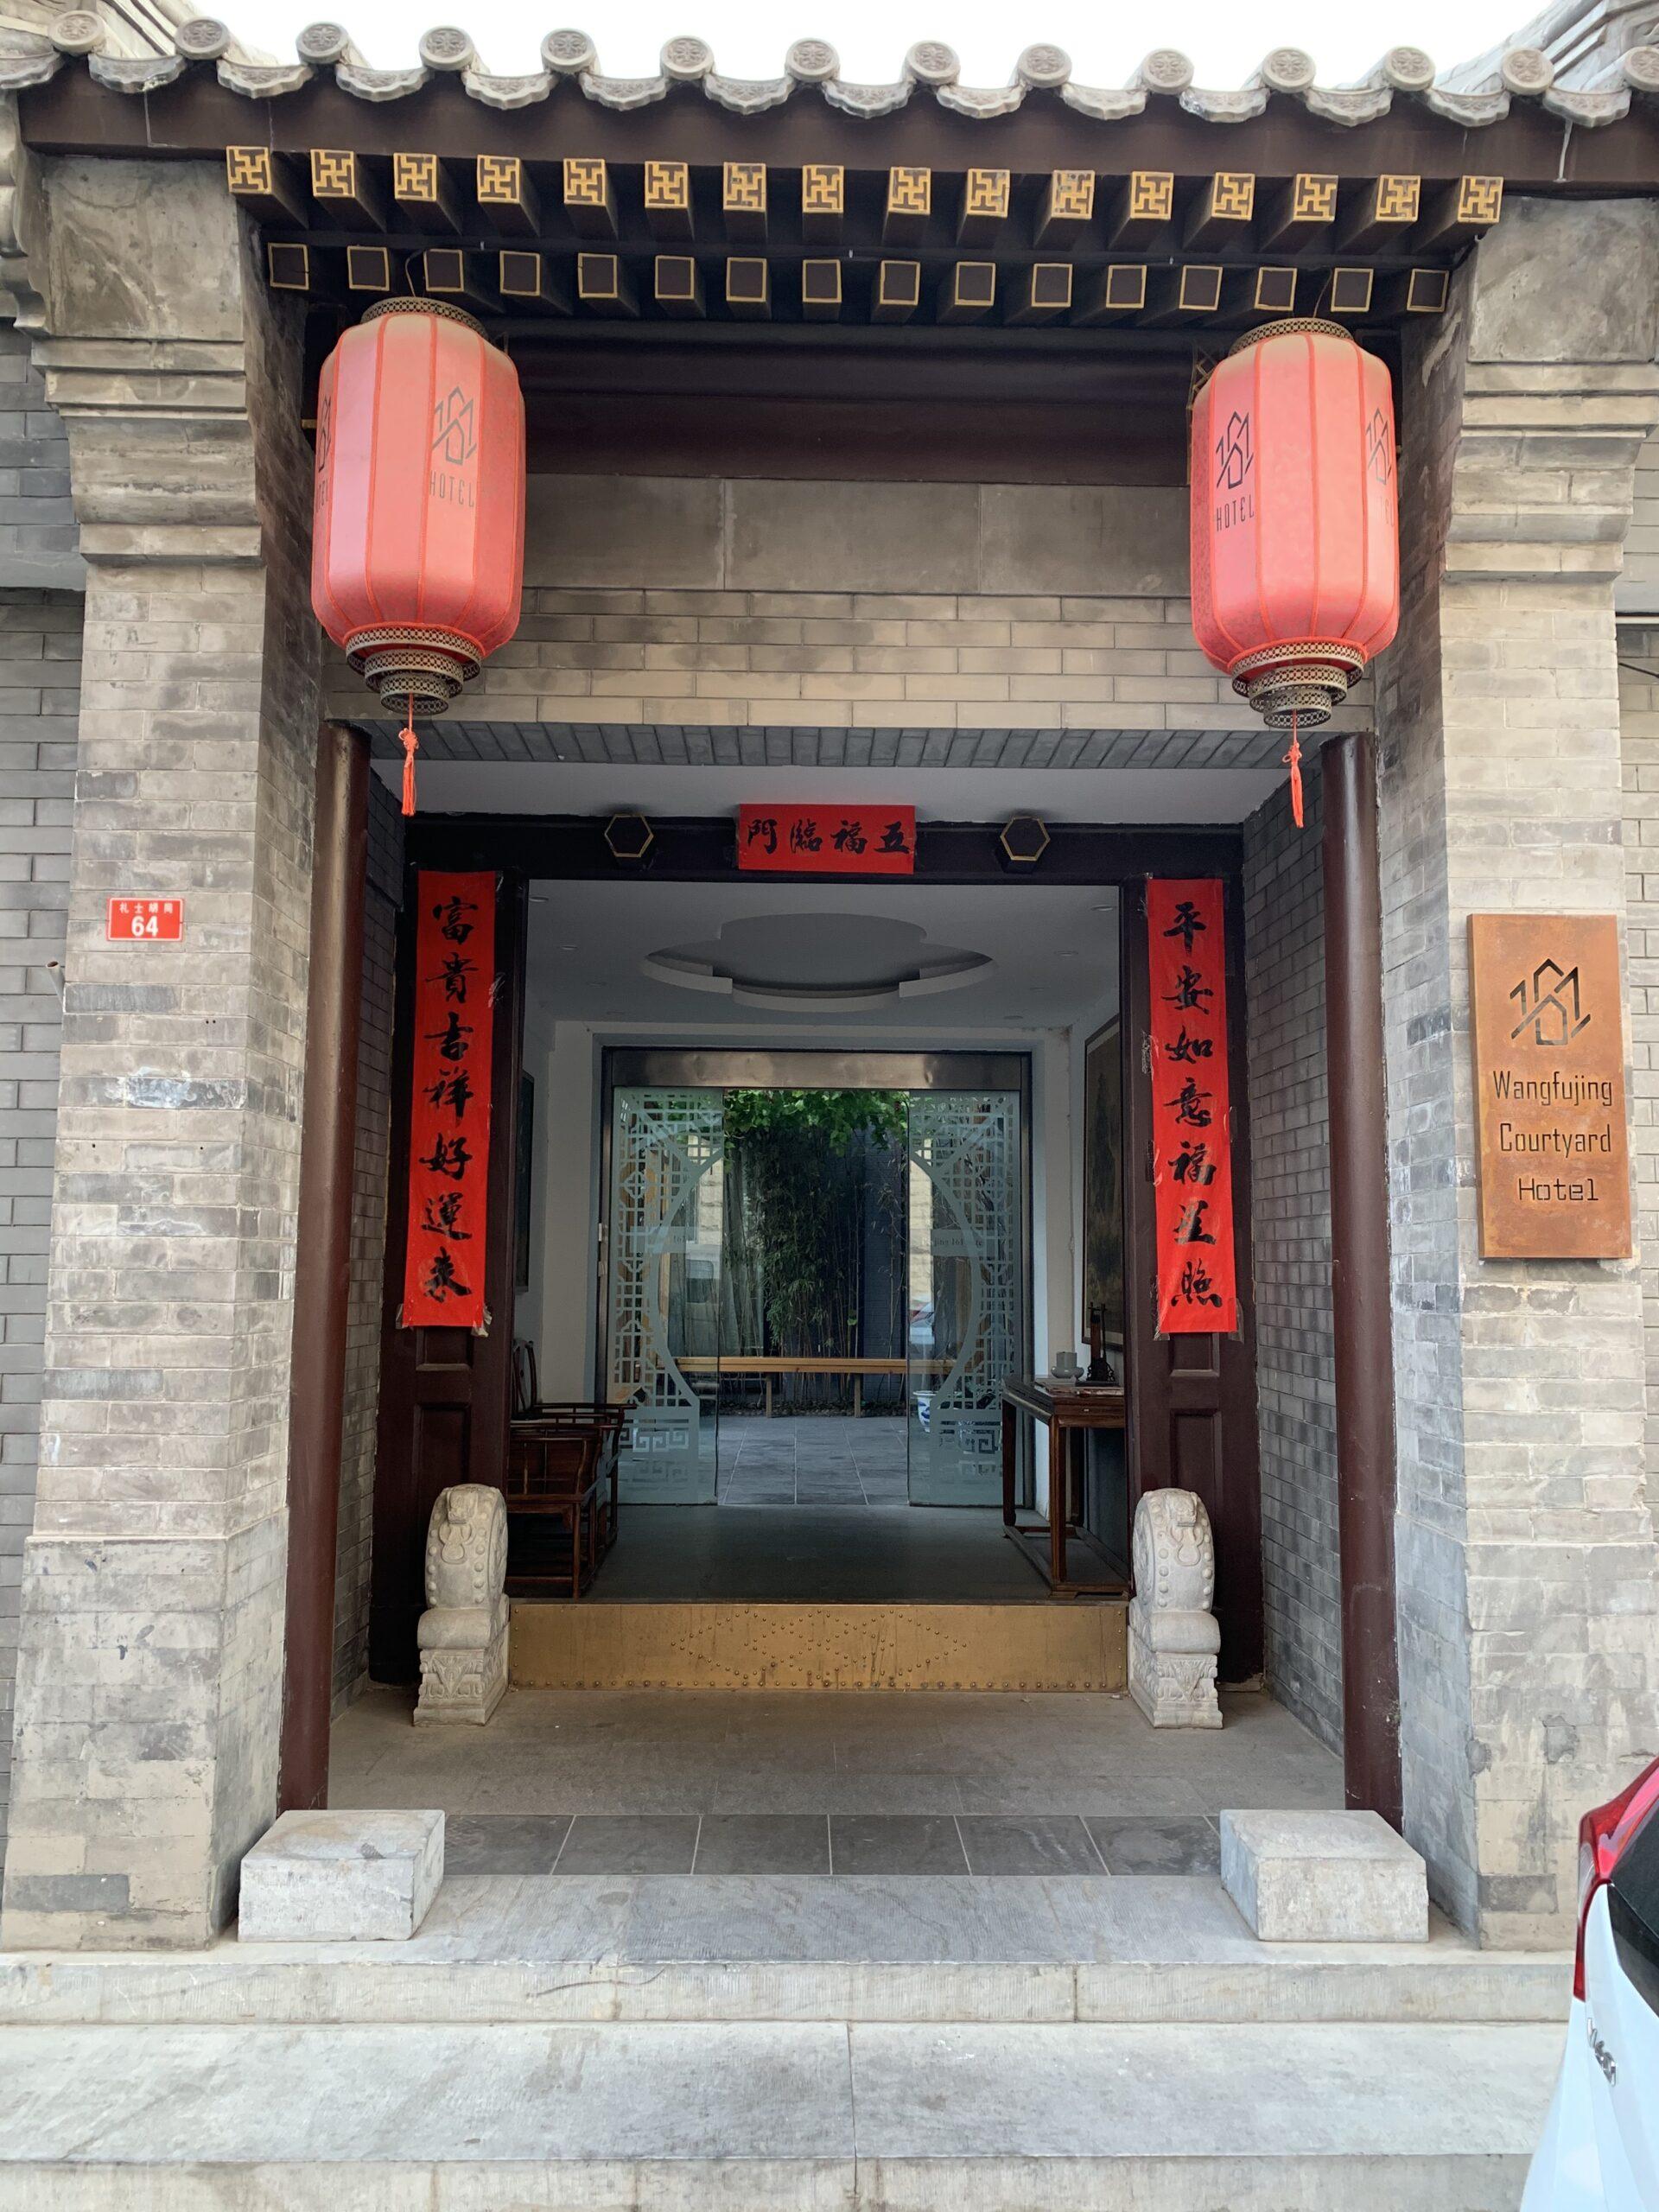 Avaliação Hotel 161 Wangfujing Courtyard – Pequim, China